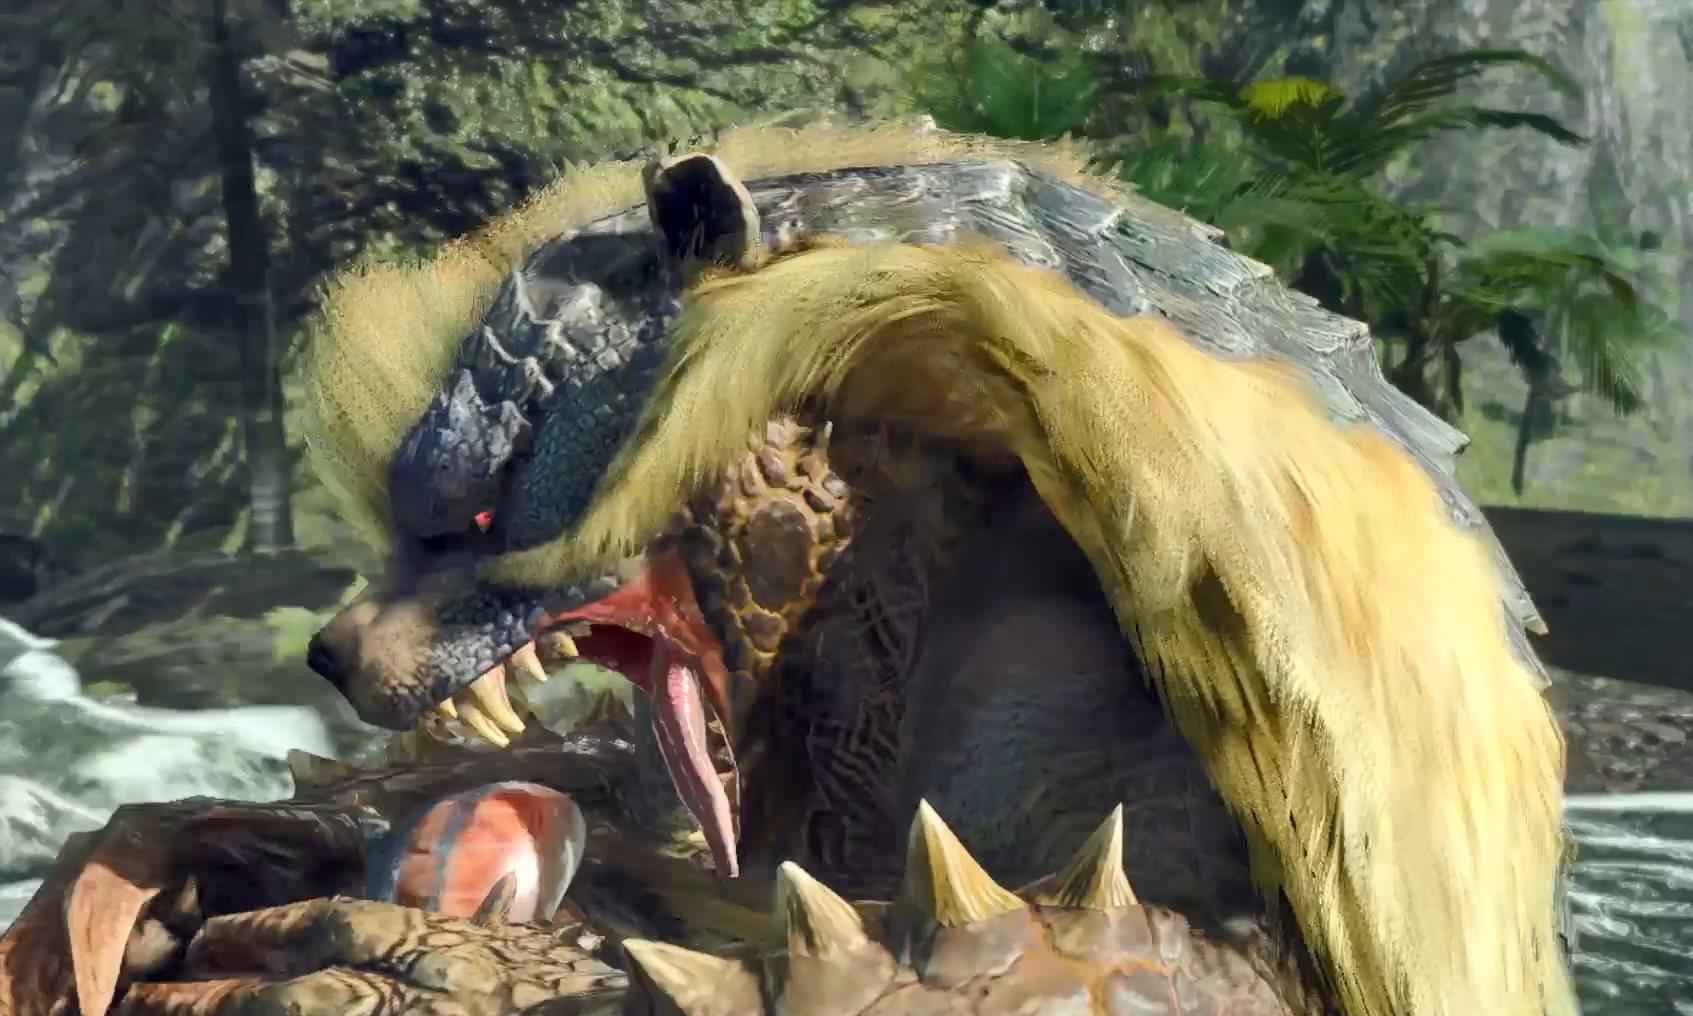 《怪物猎人:崛起》青熊兽展示爱采蜜捕鱼的吃货